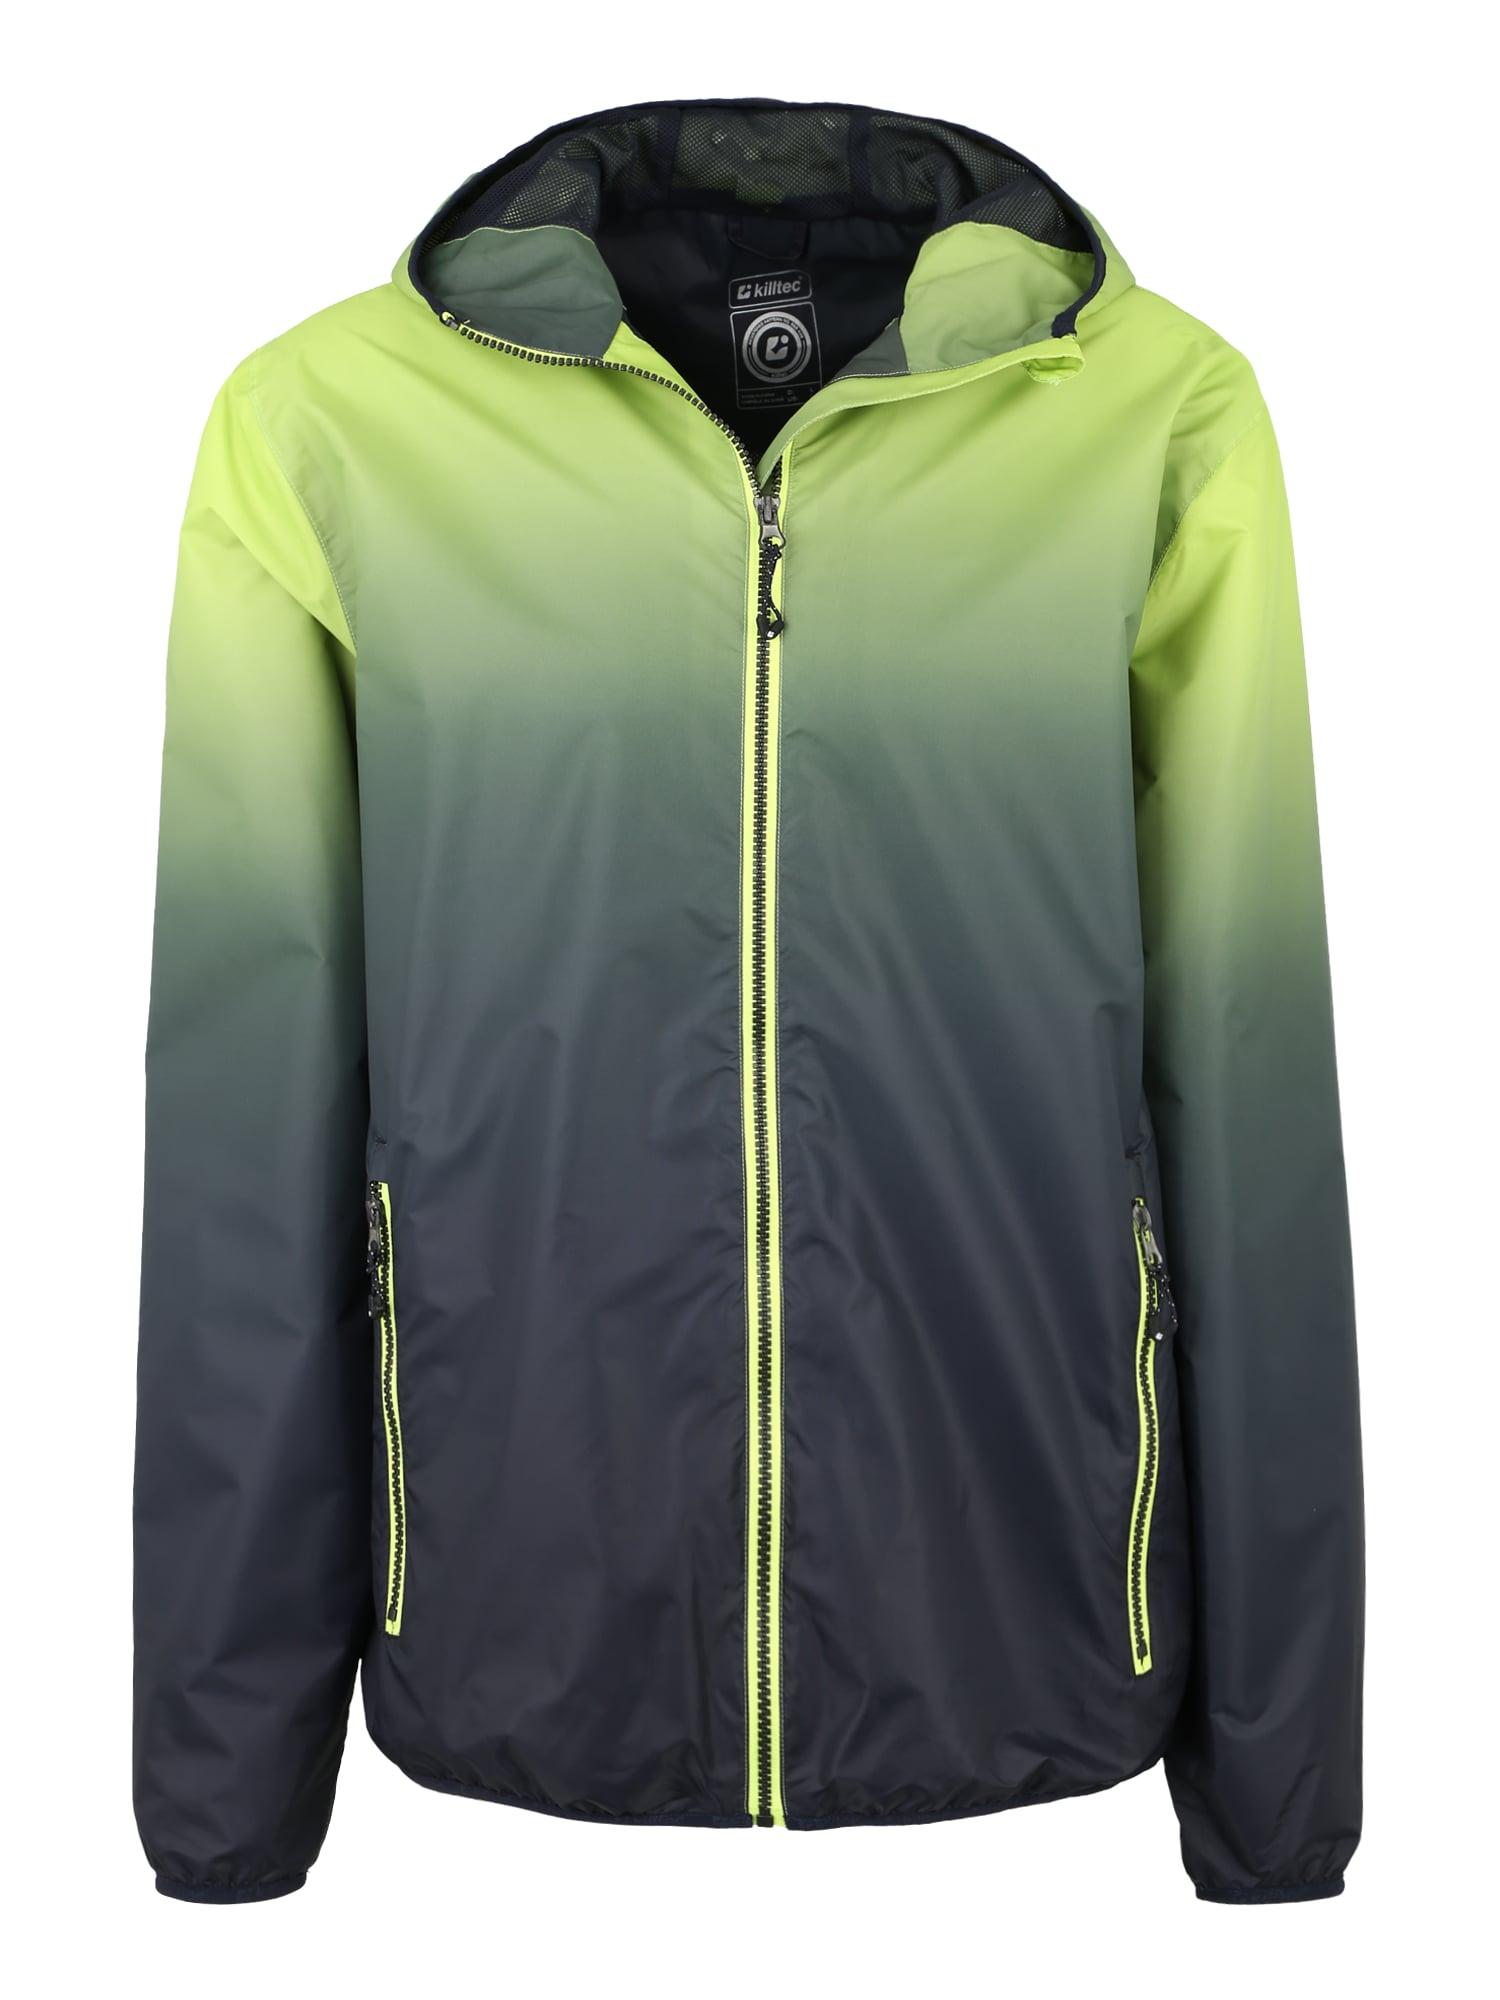 Sportovní bunda Kaliqo modrá světle zelená KILLTEC